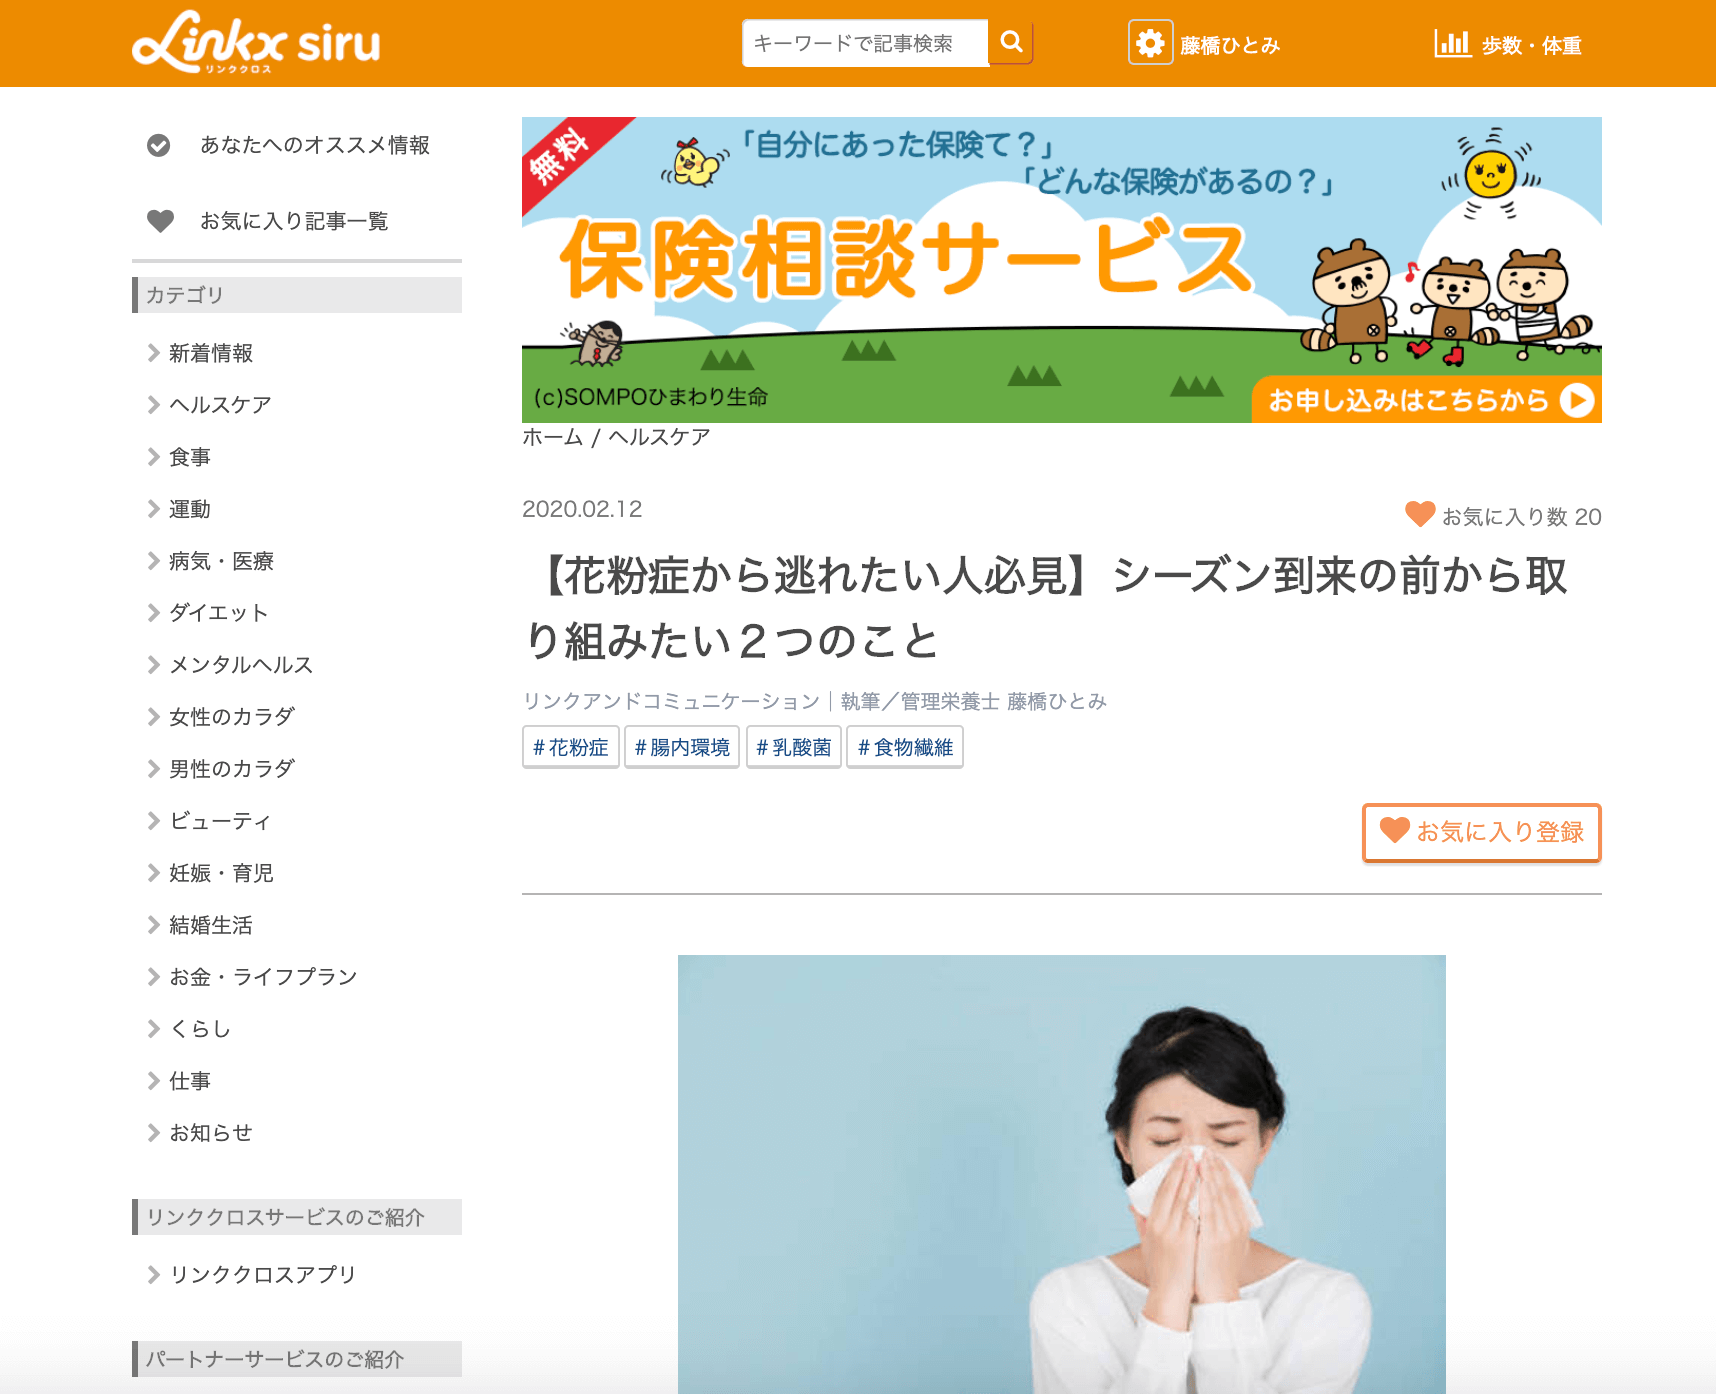 リンククロスシル 藤橋ひとみ 管理栄養士 ライター2020-02-12